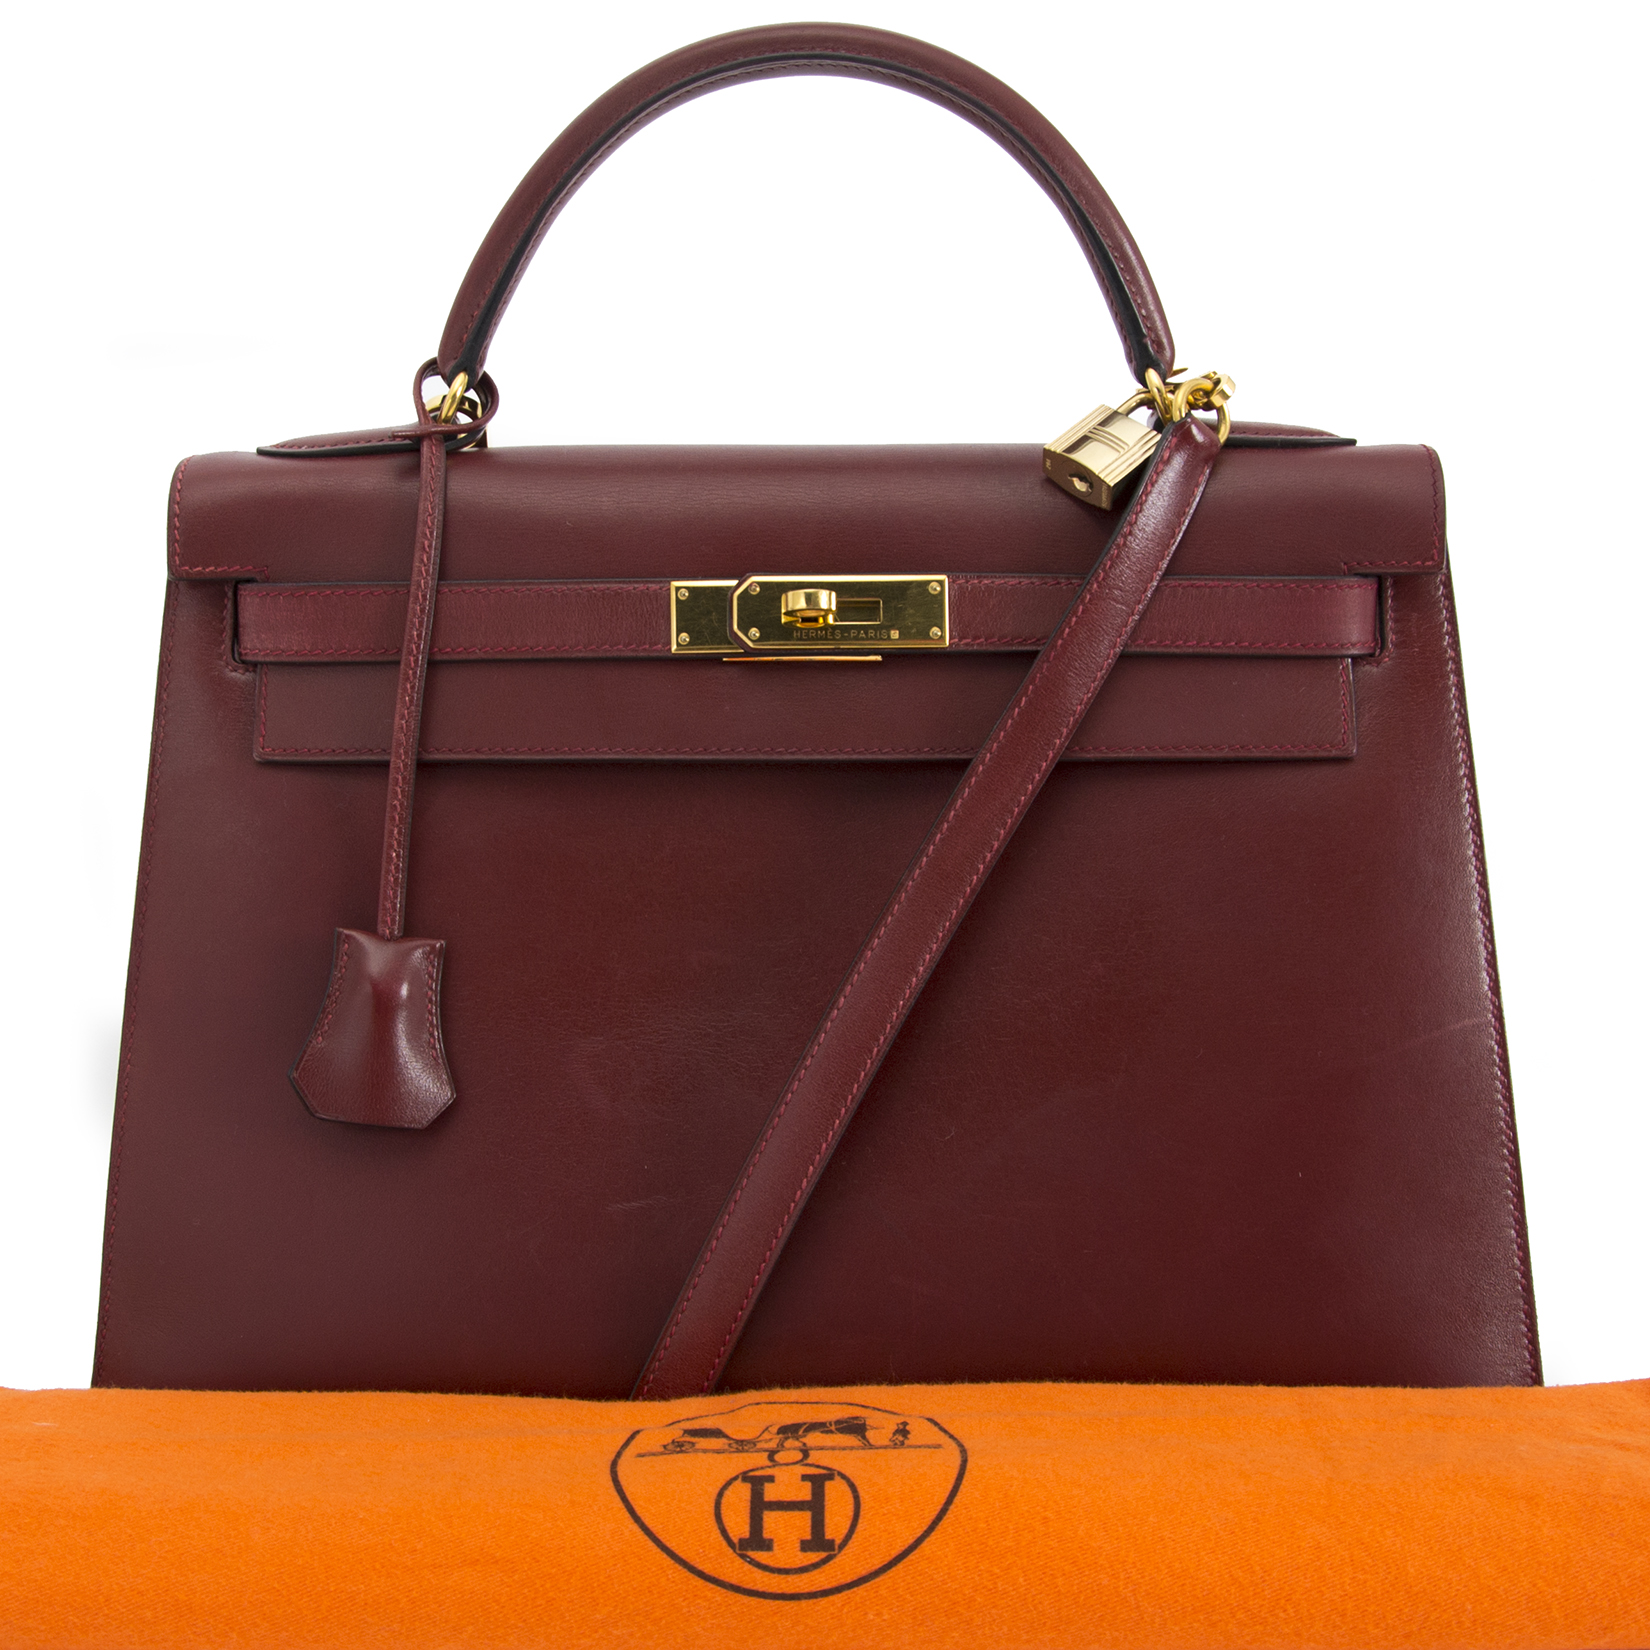 bac90f7190f1 ... acheter en ligne pour le meilleur prix Hermes Kelly Sellier 32 Bordeaux  Box Calf